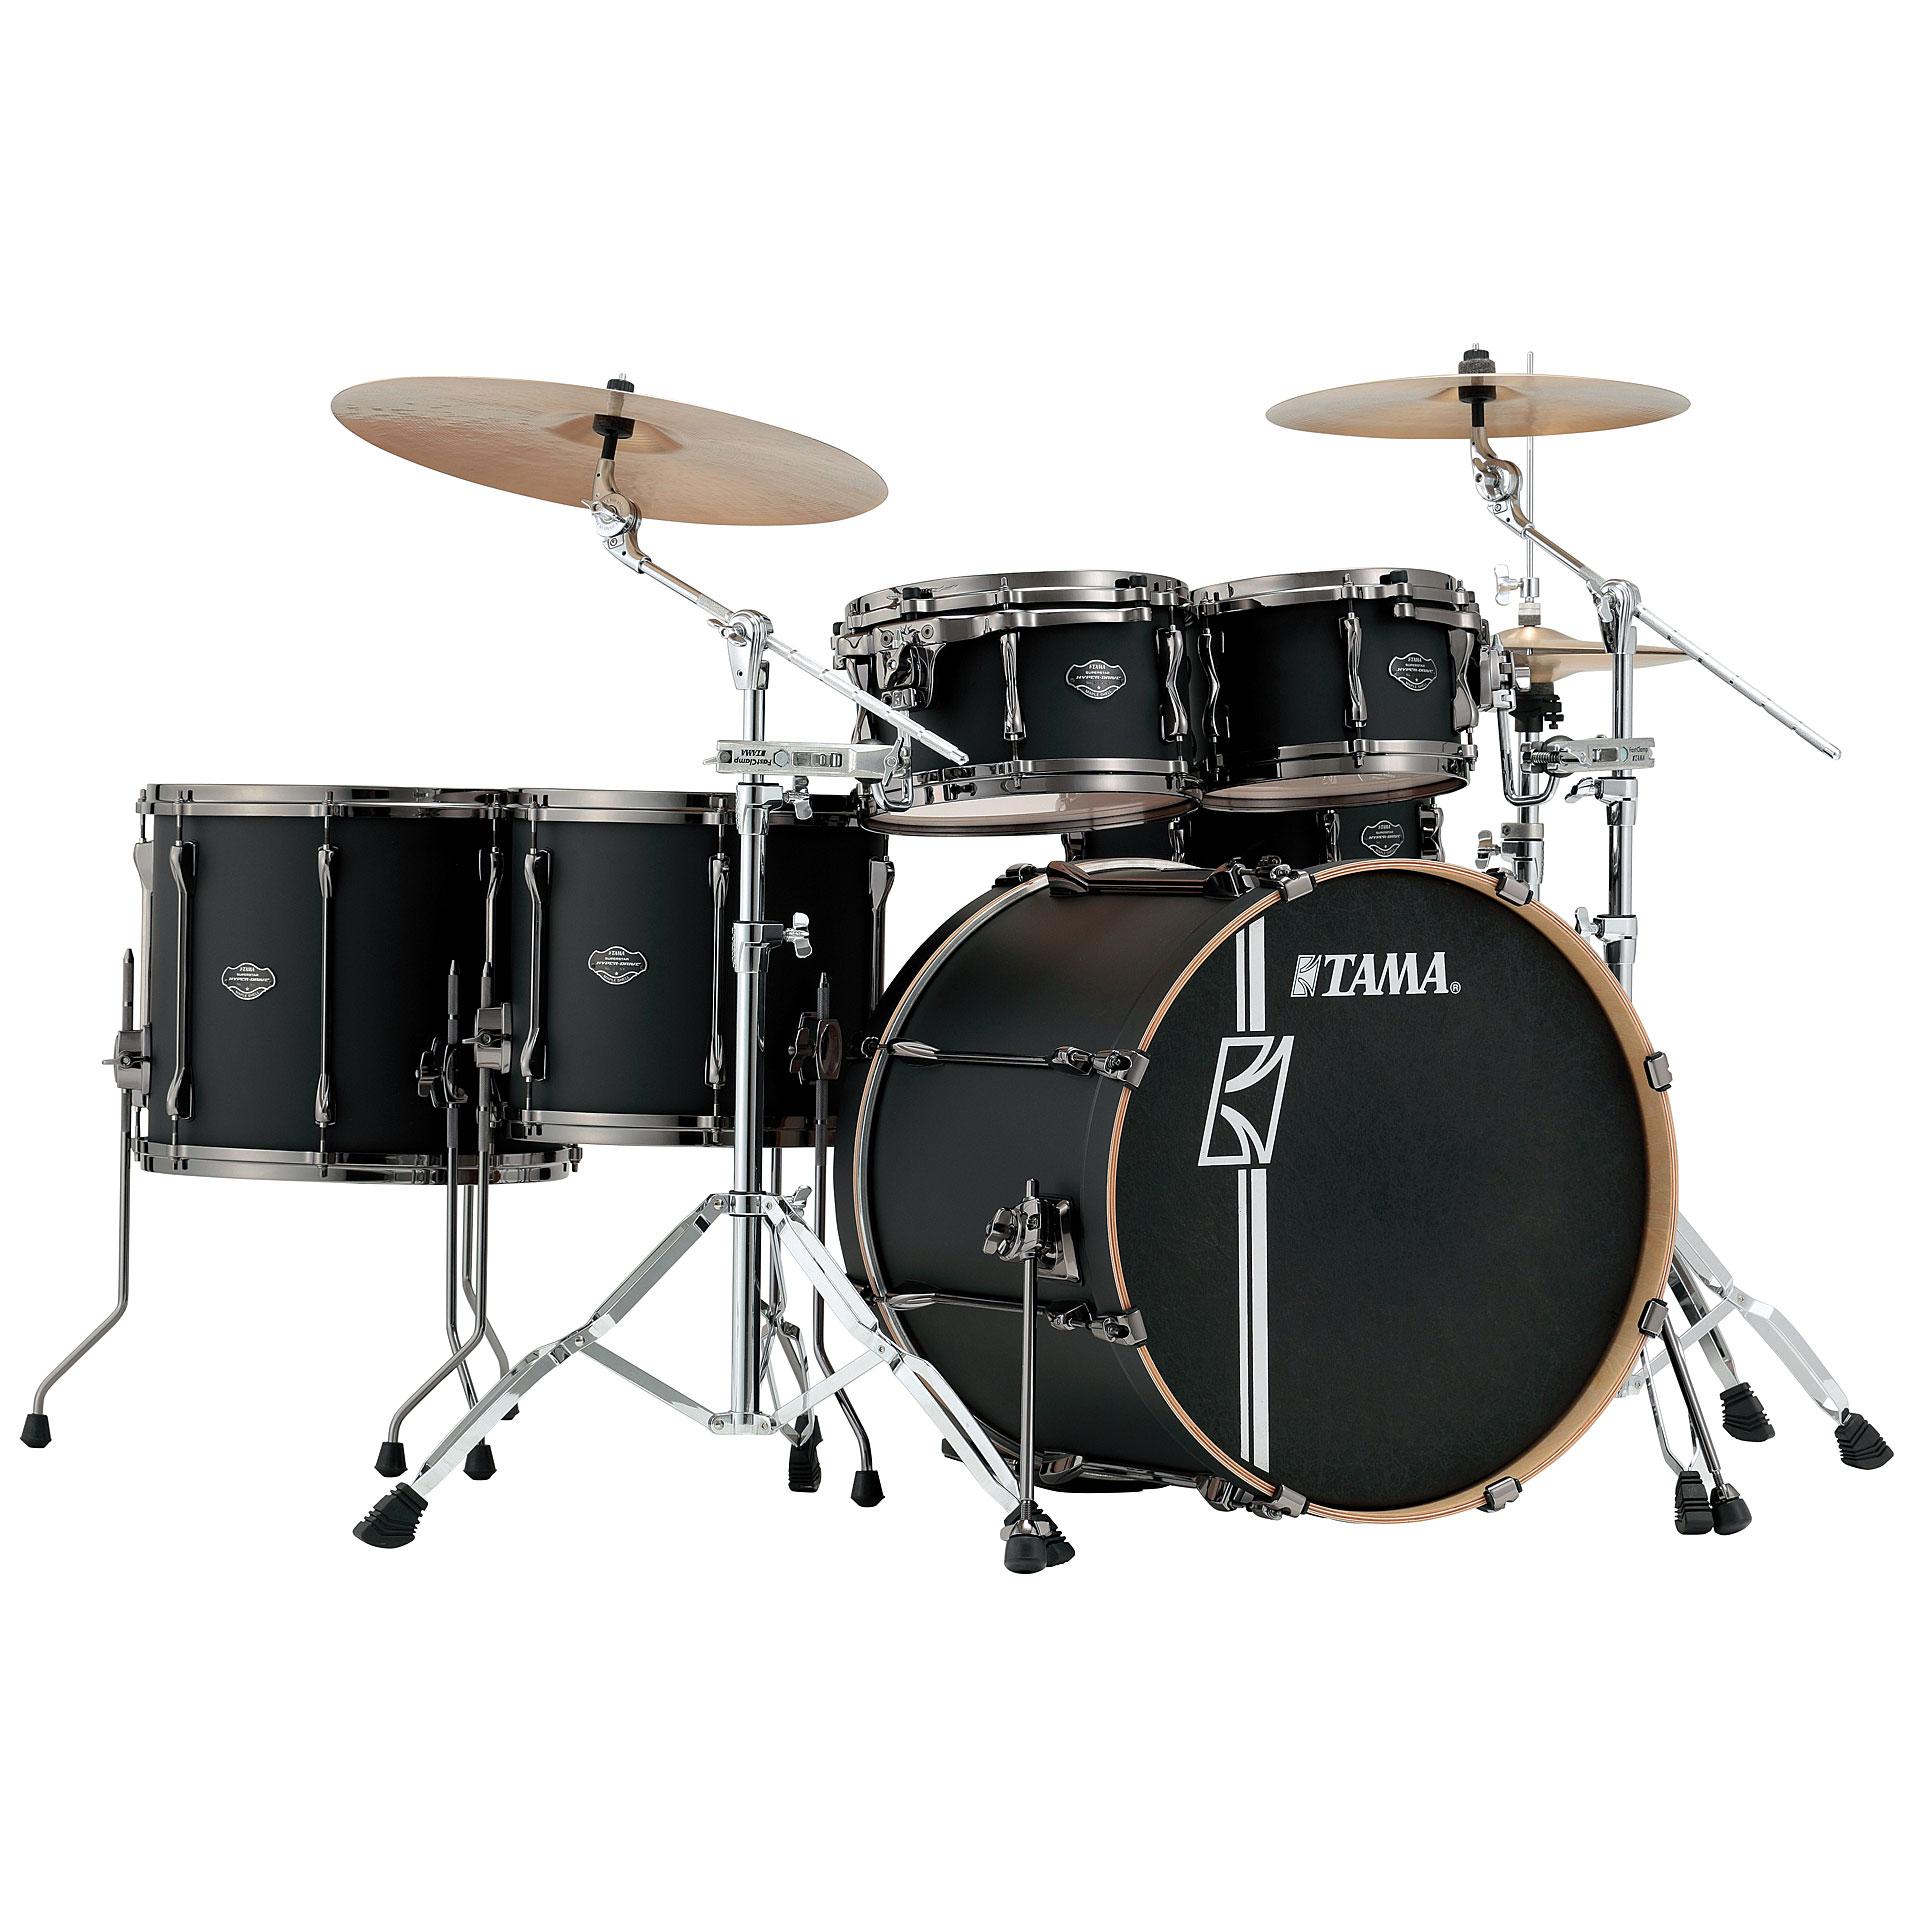 black tama drum set - photo #9